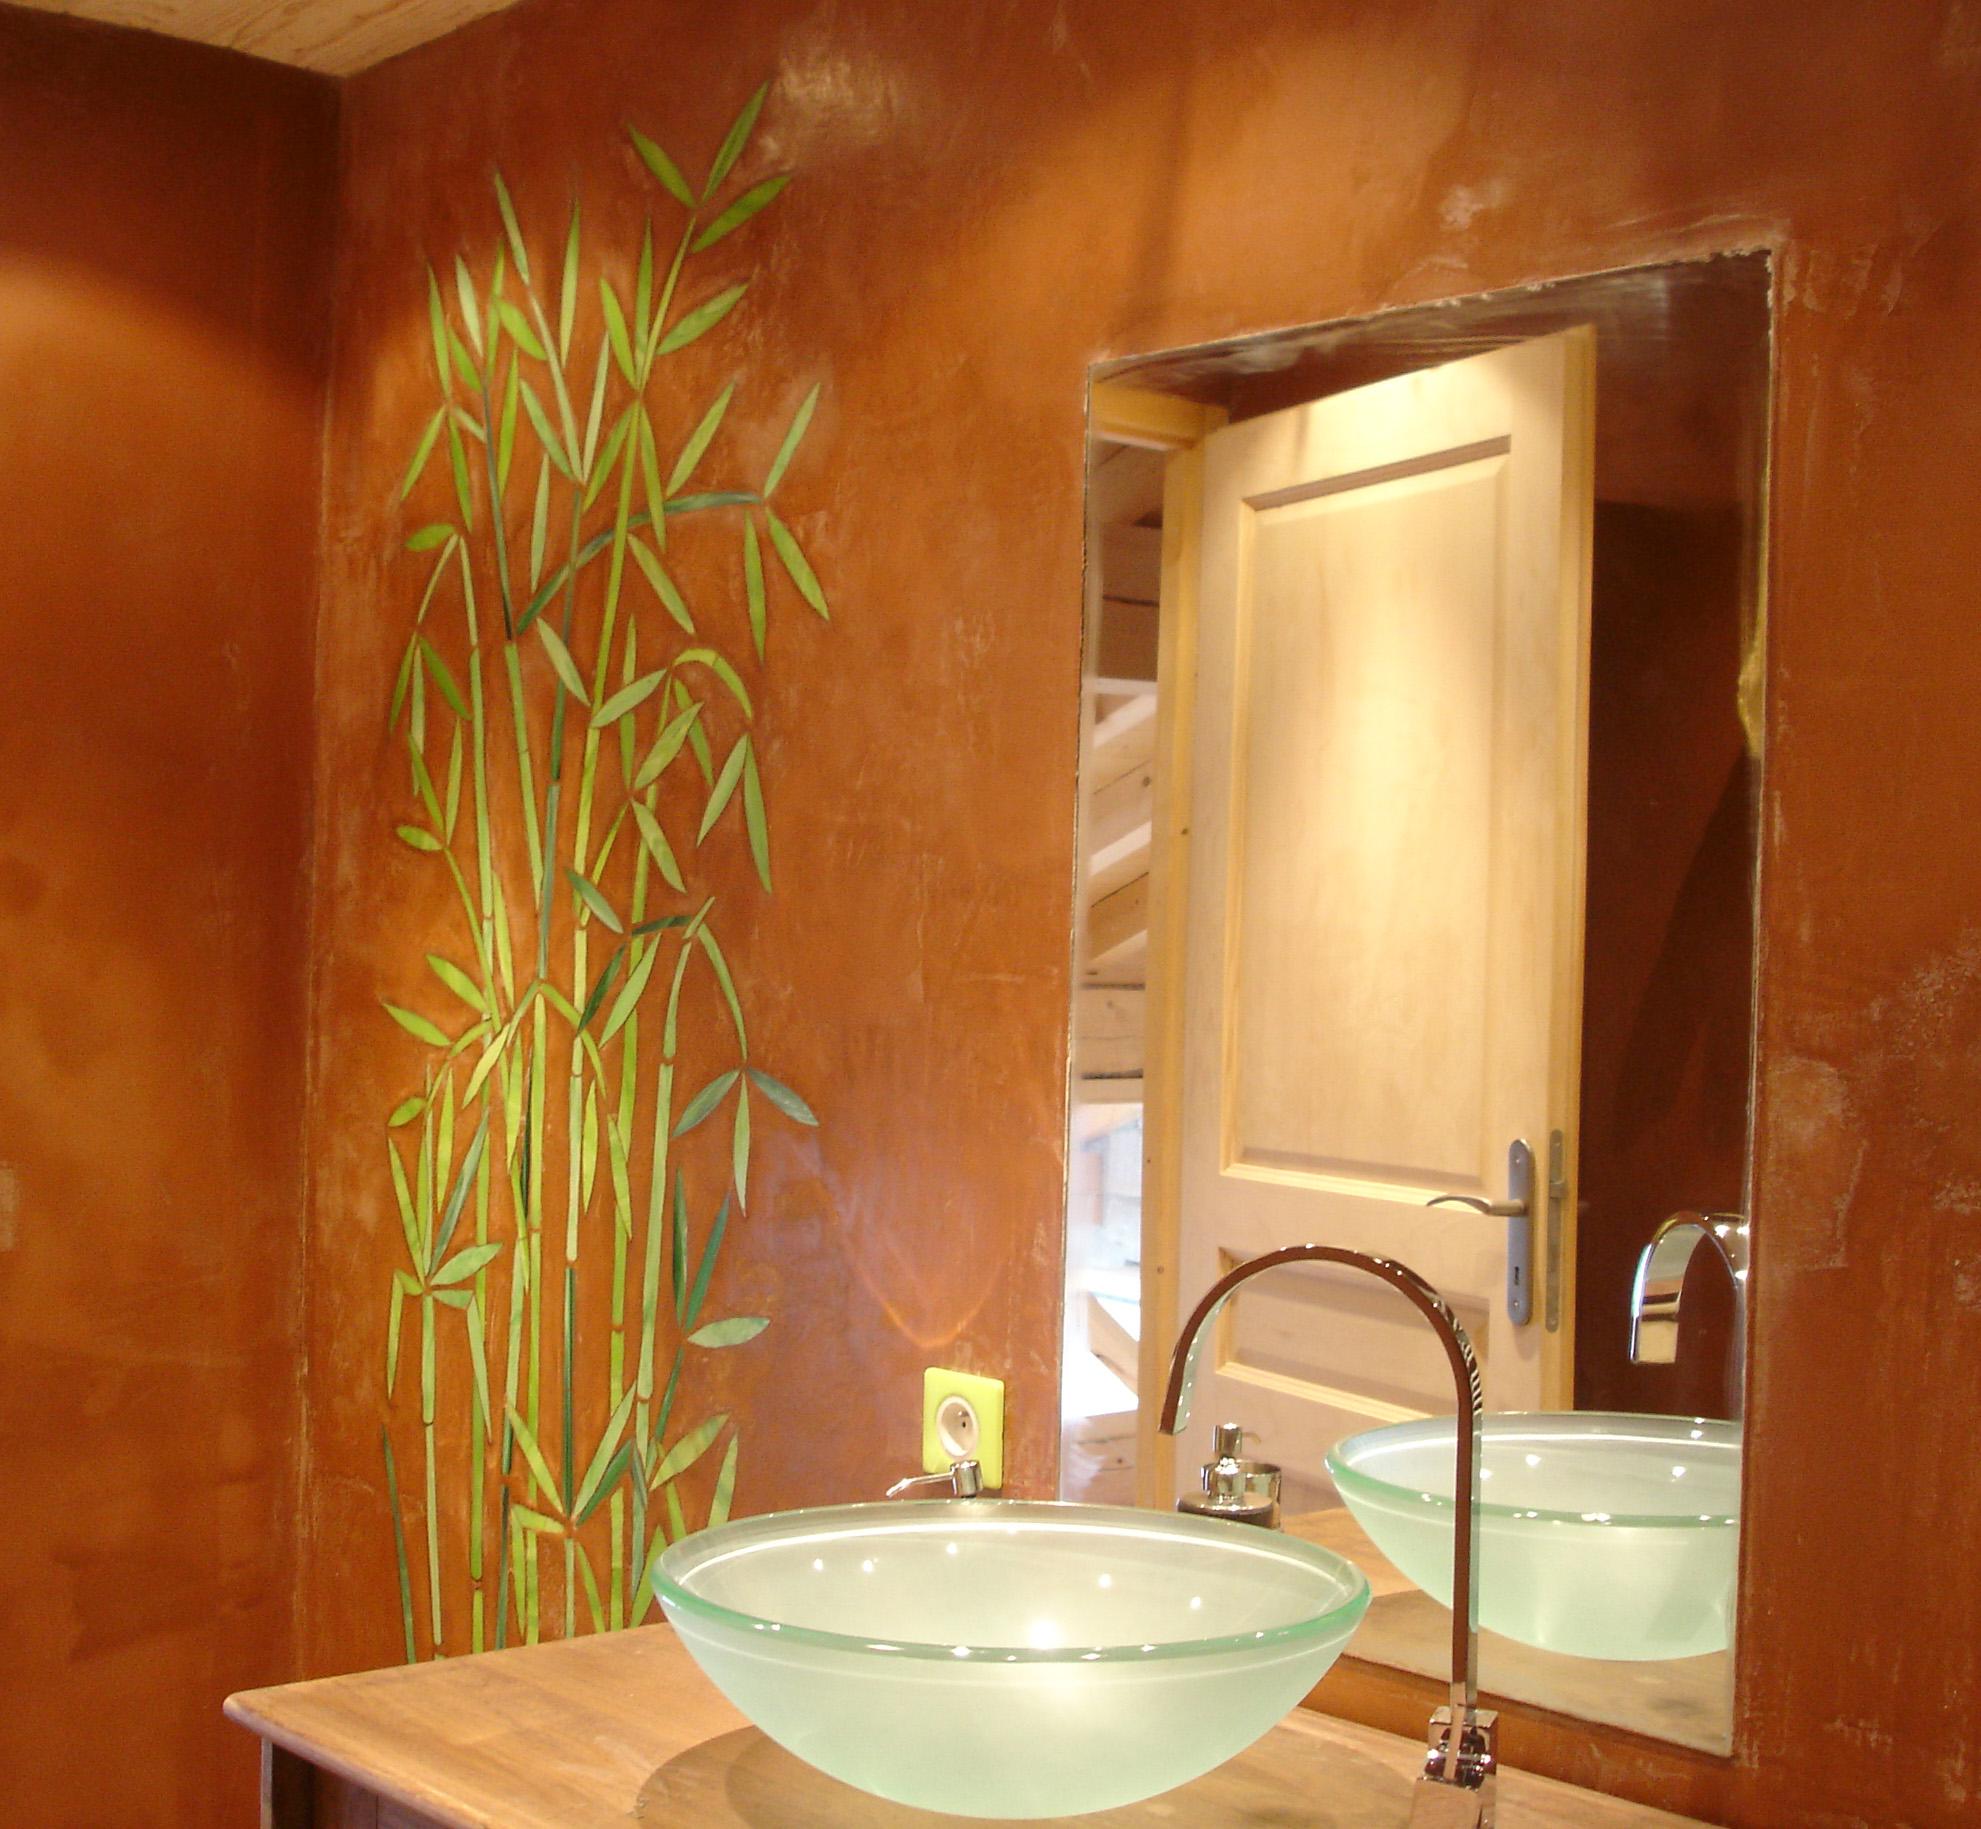 Salle de bain mosaique d cor salle de bain en mosa que for Salle bain mosaique